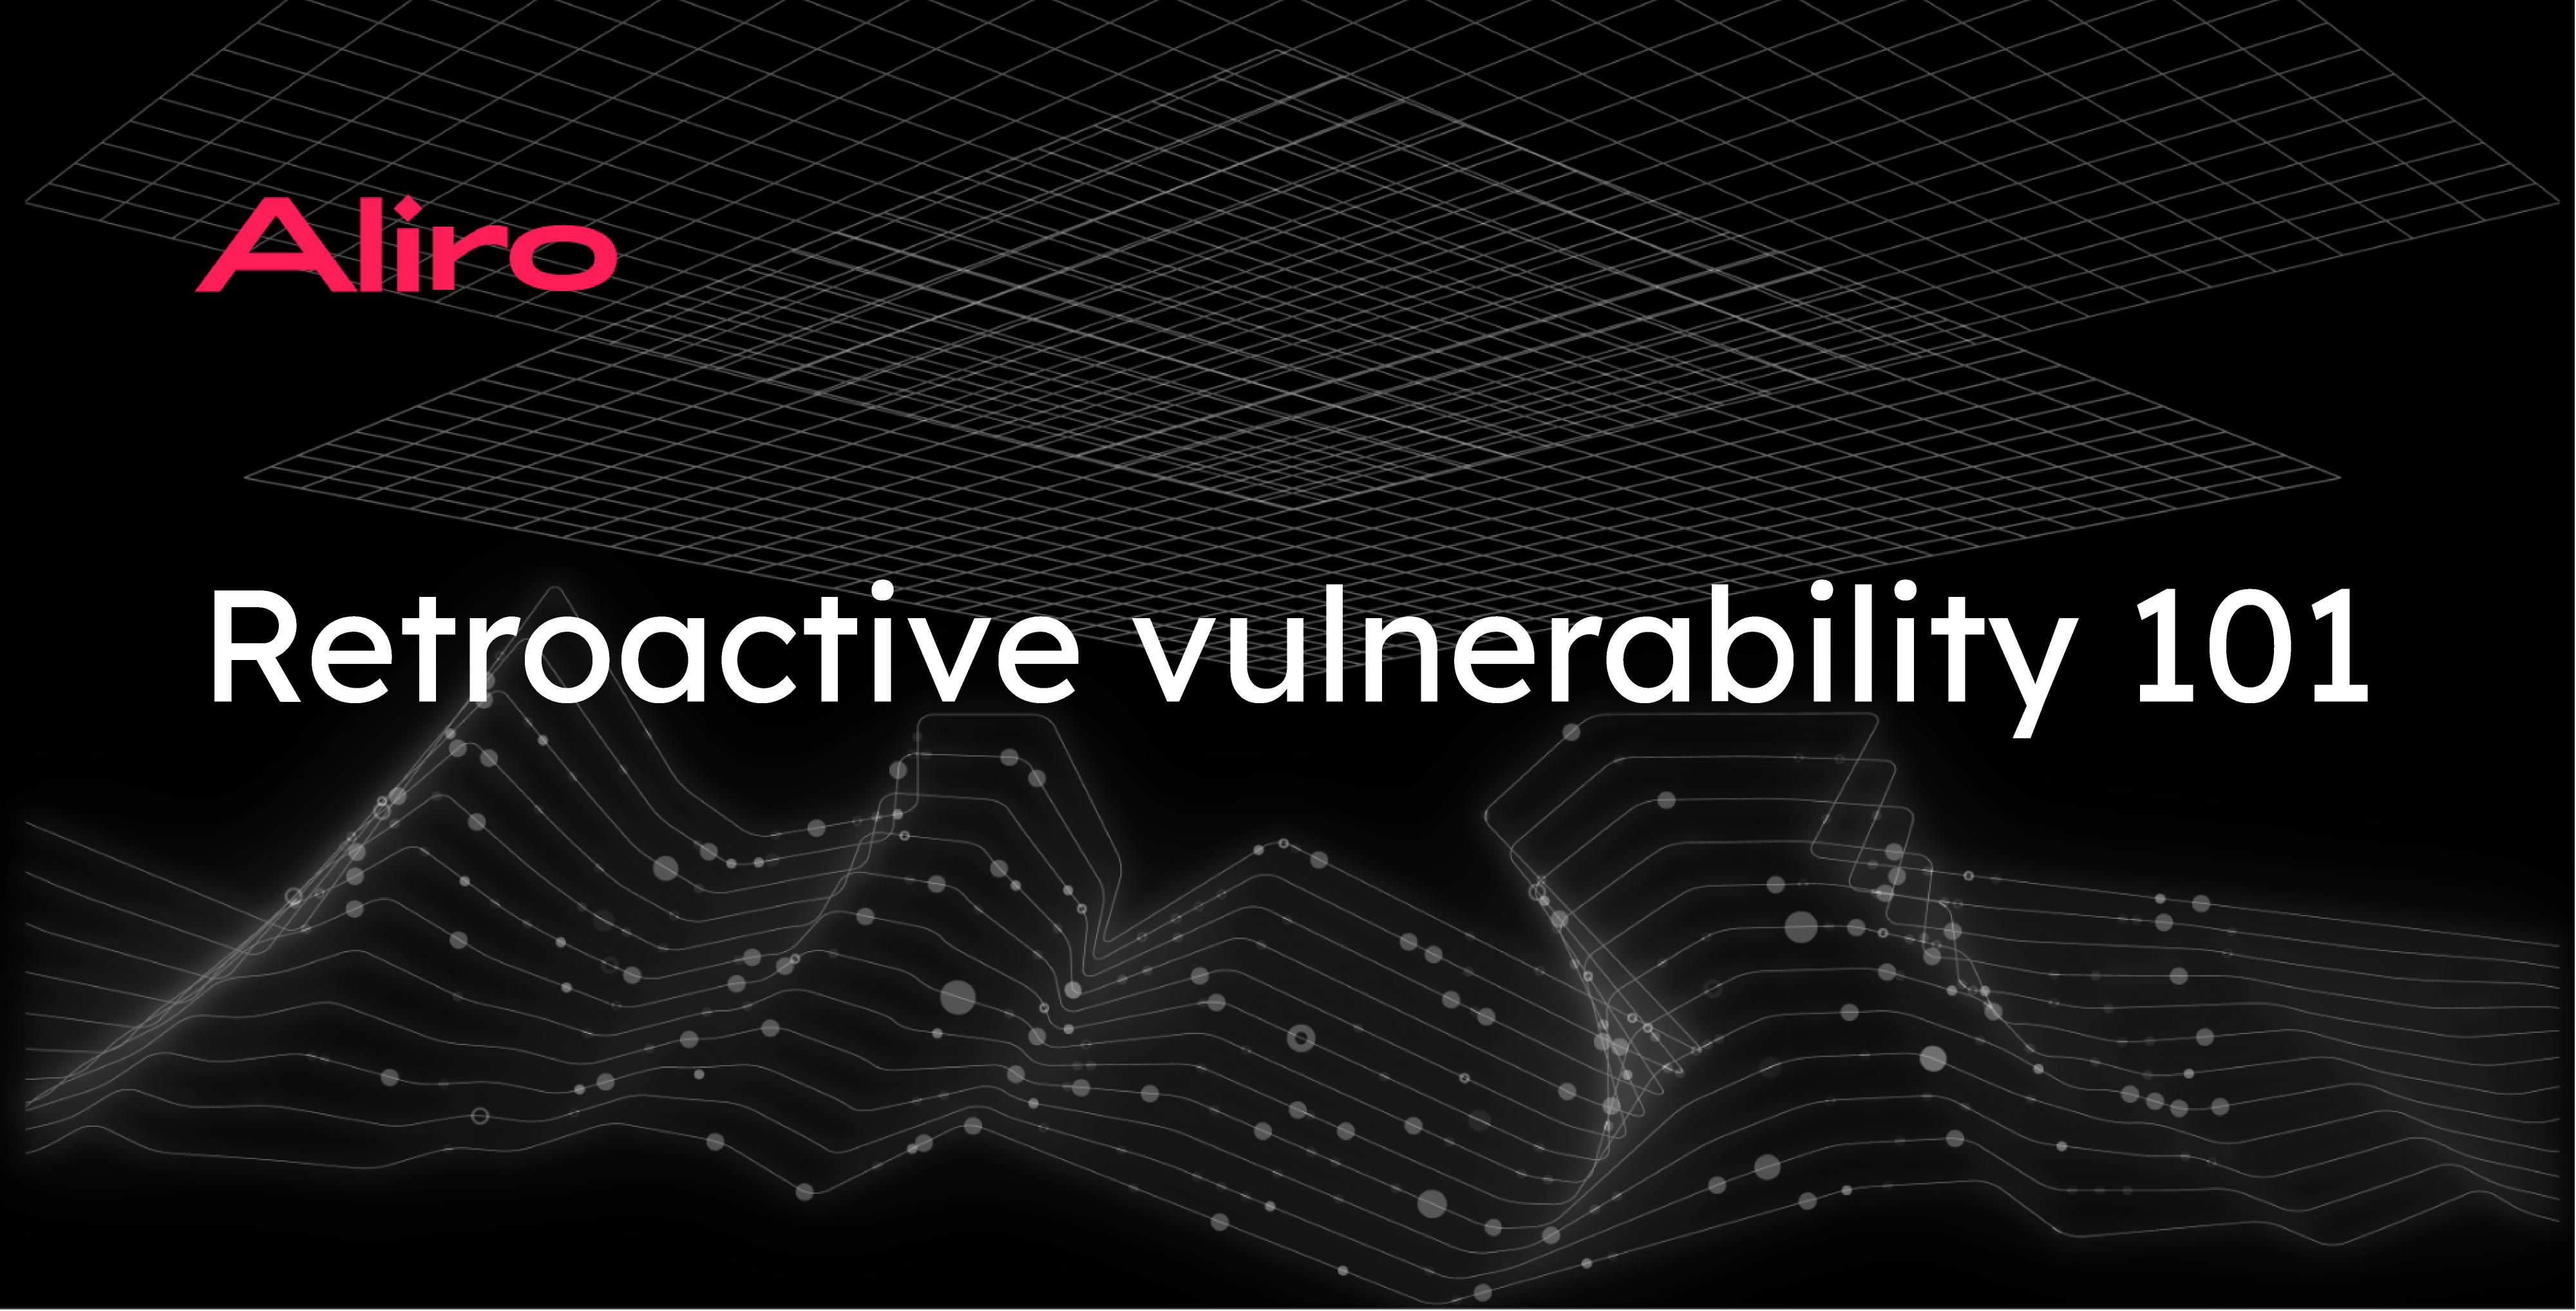 Retroactive vulnerability 101